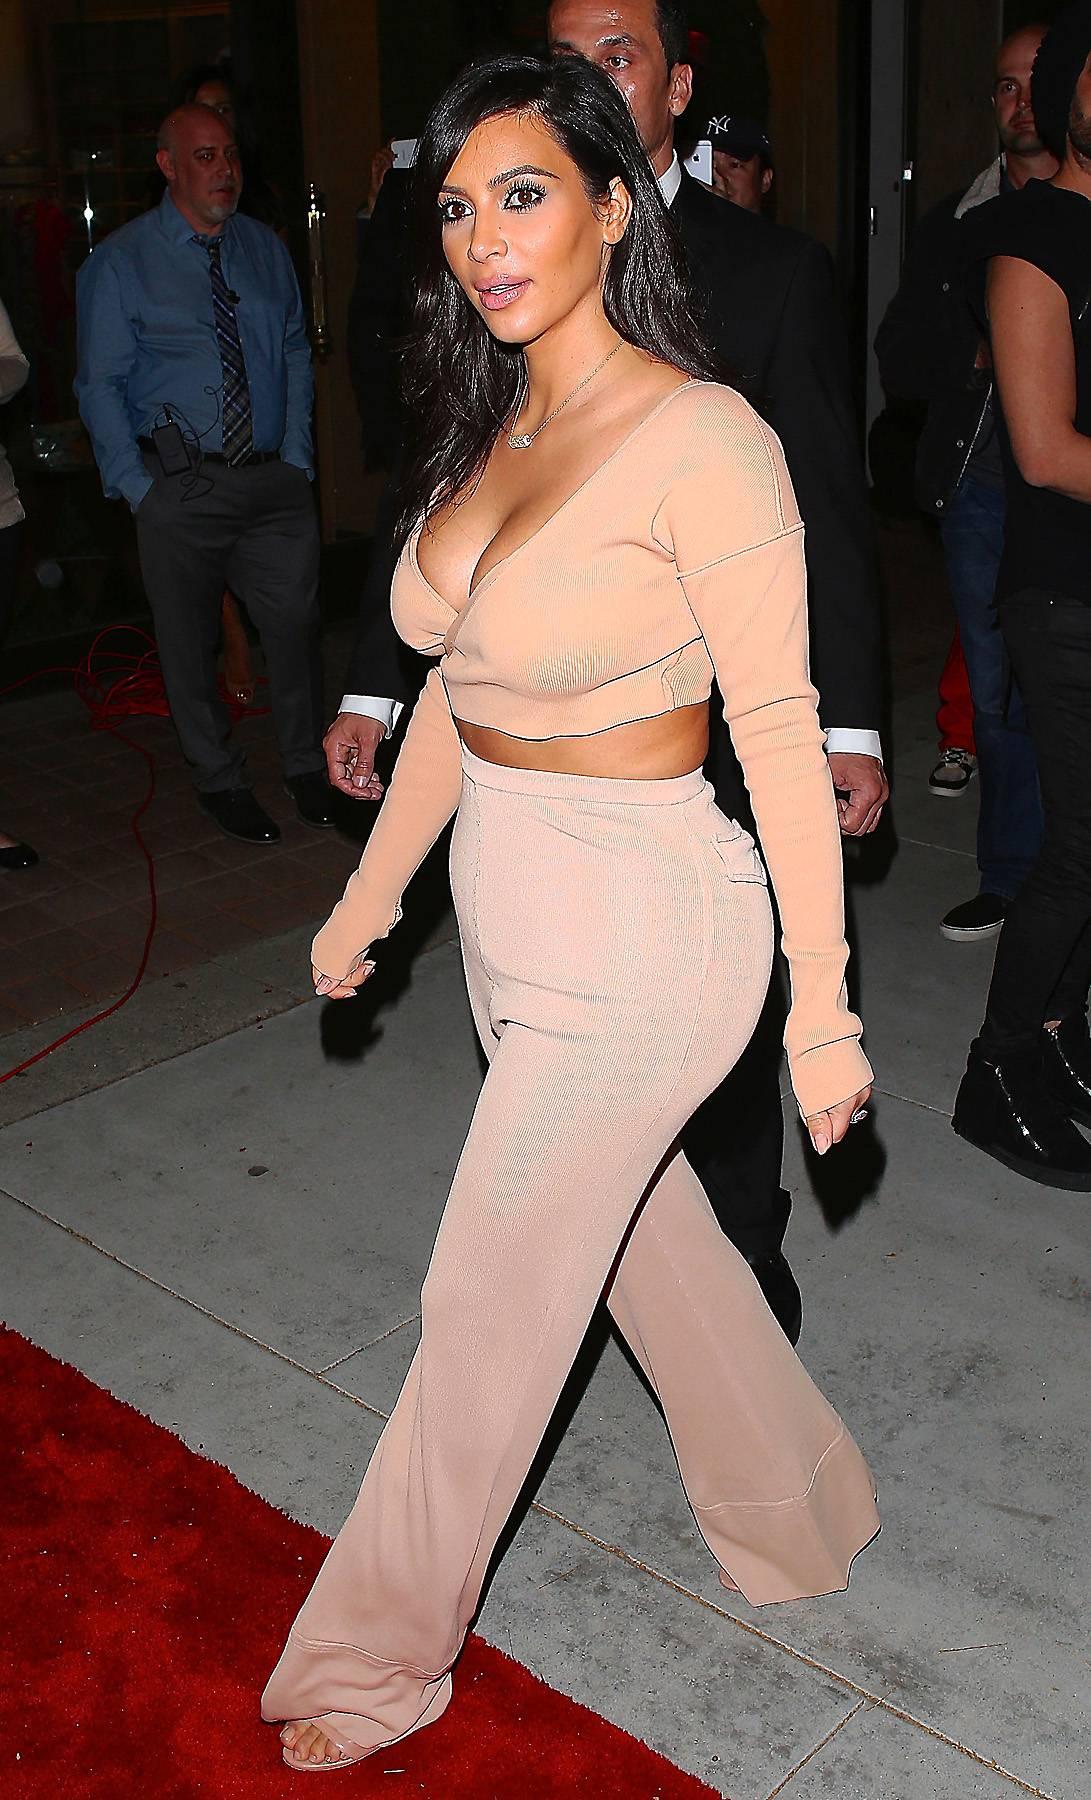 111414-celebs-out-kim-kardashian.jpg